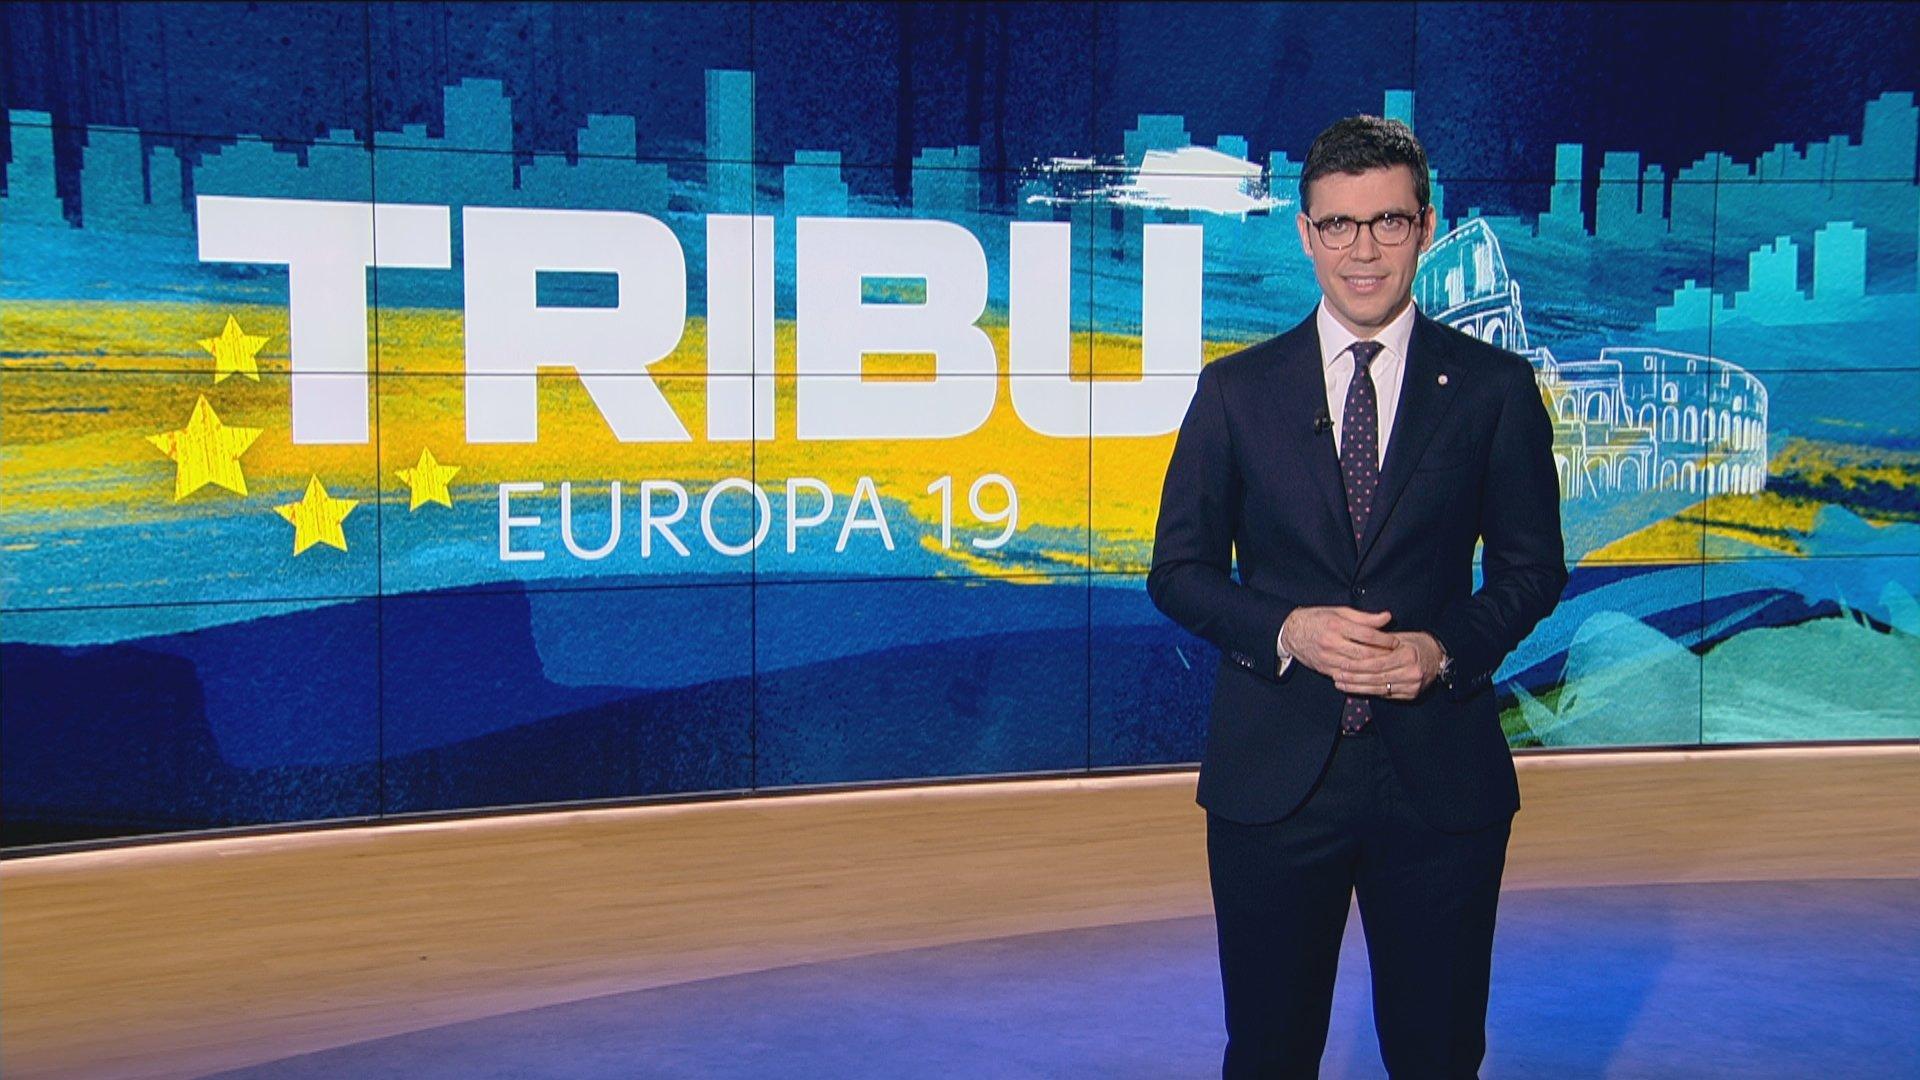 Tribù - Europa 19, il nuovo spazio Sky TG24 dedicato alle elezioni europee